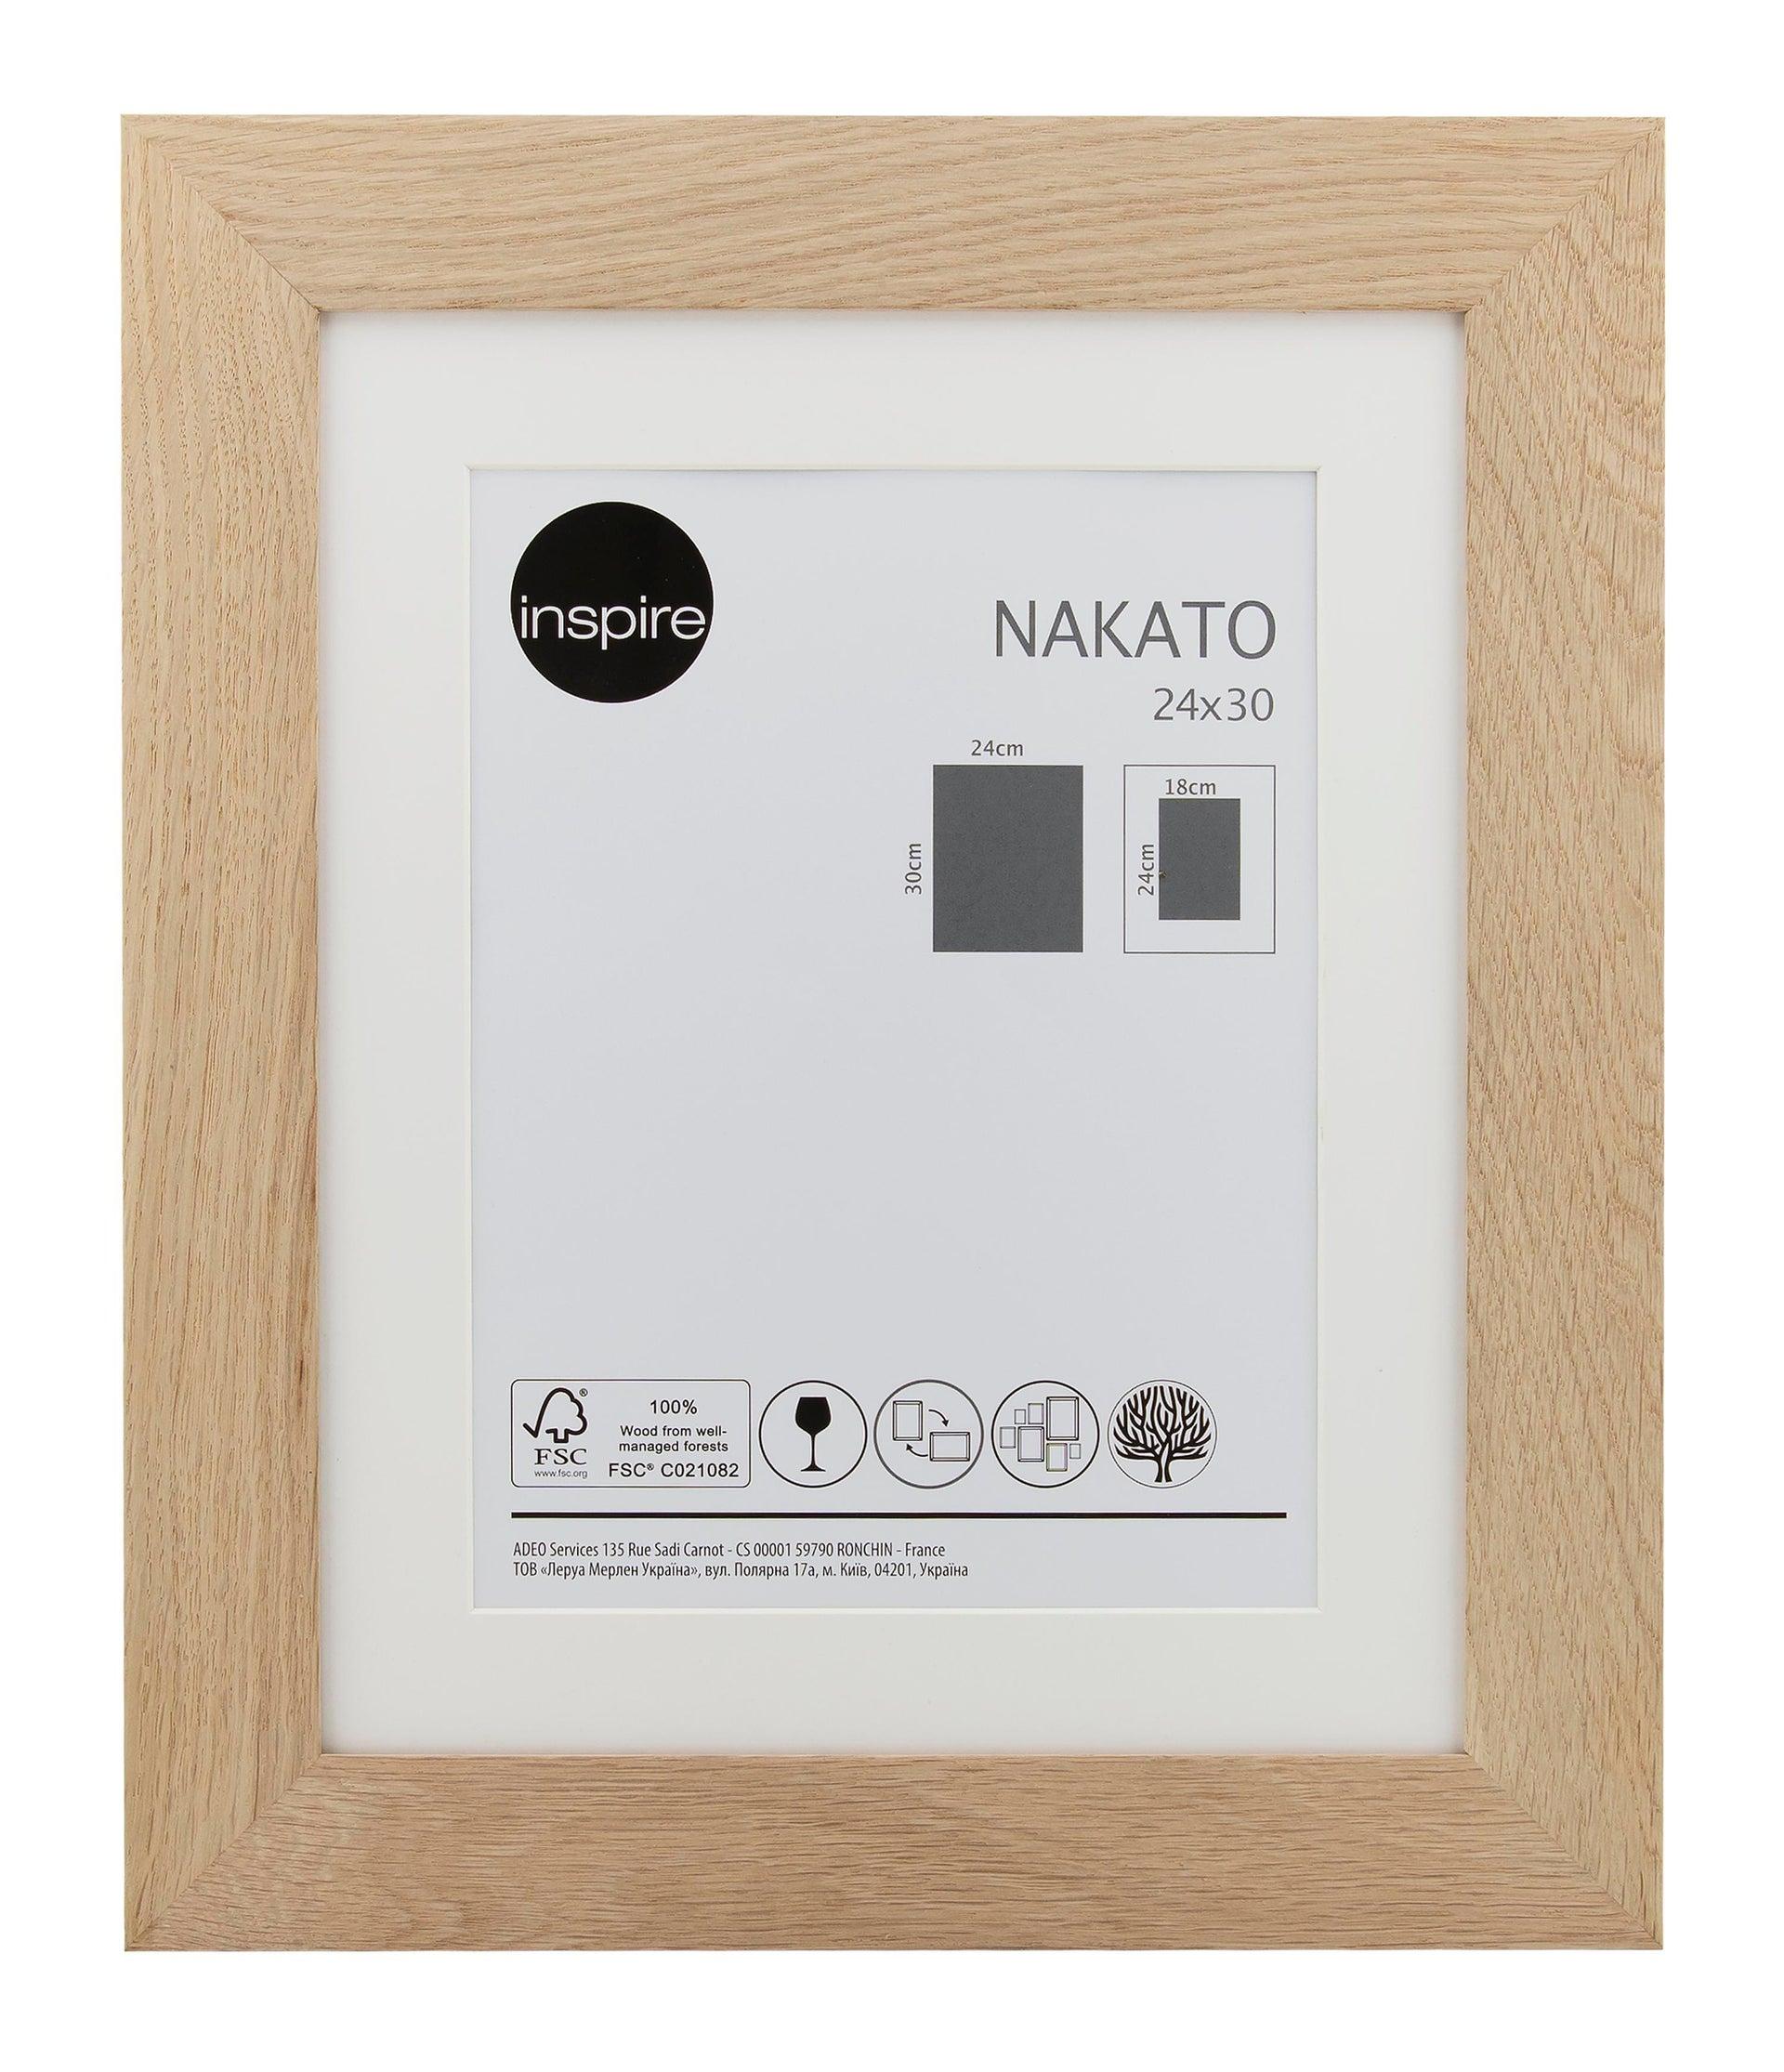 Cornice con passe-partout Inspire nakato rovere 24x30 cm - 1